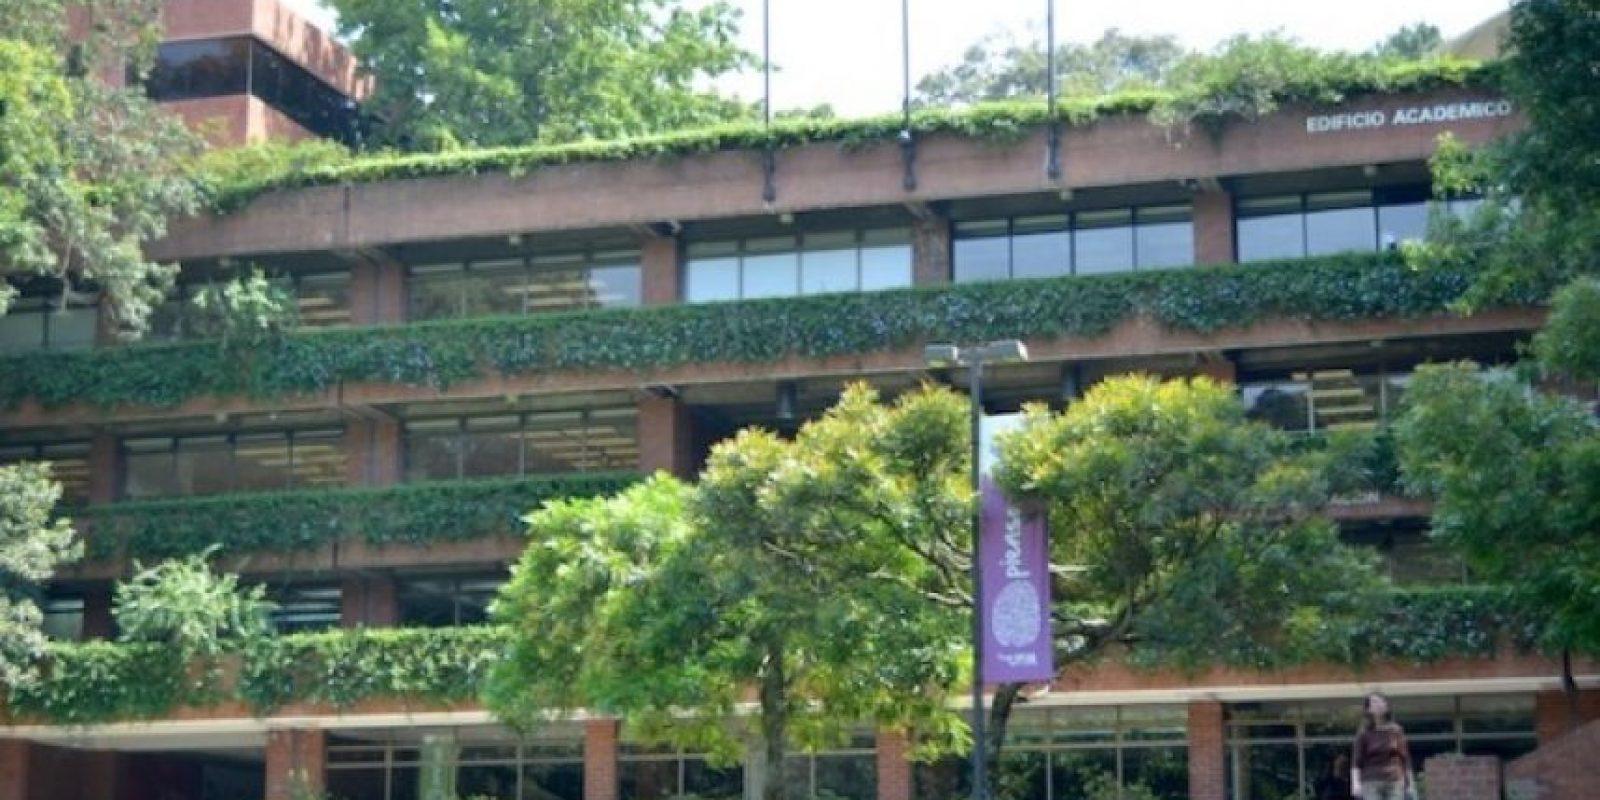 Edificio Académico. Foto:Juan José López Torres